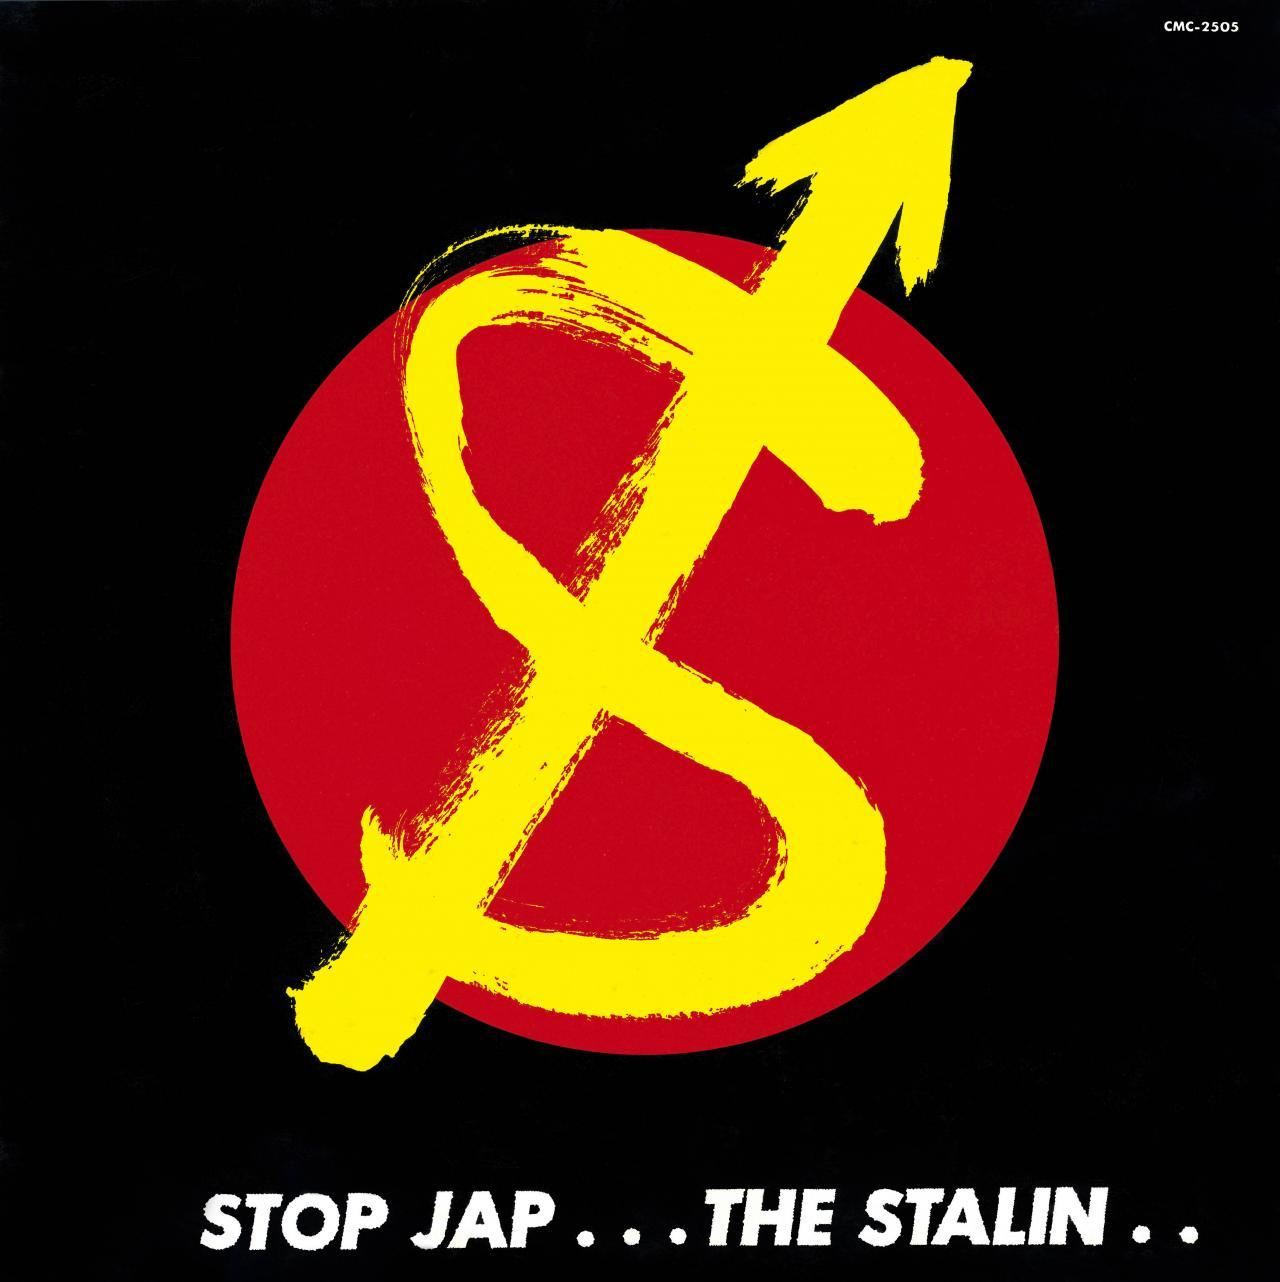 Stop_Jap_convert_20180512194715.jpg